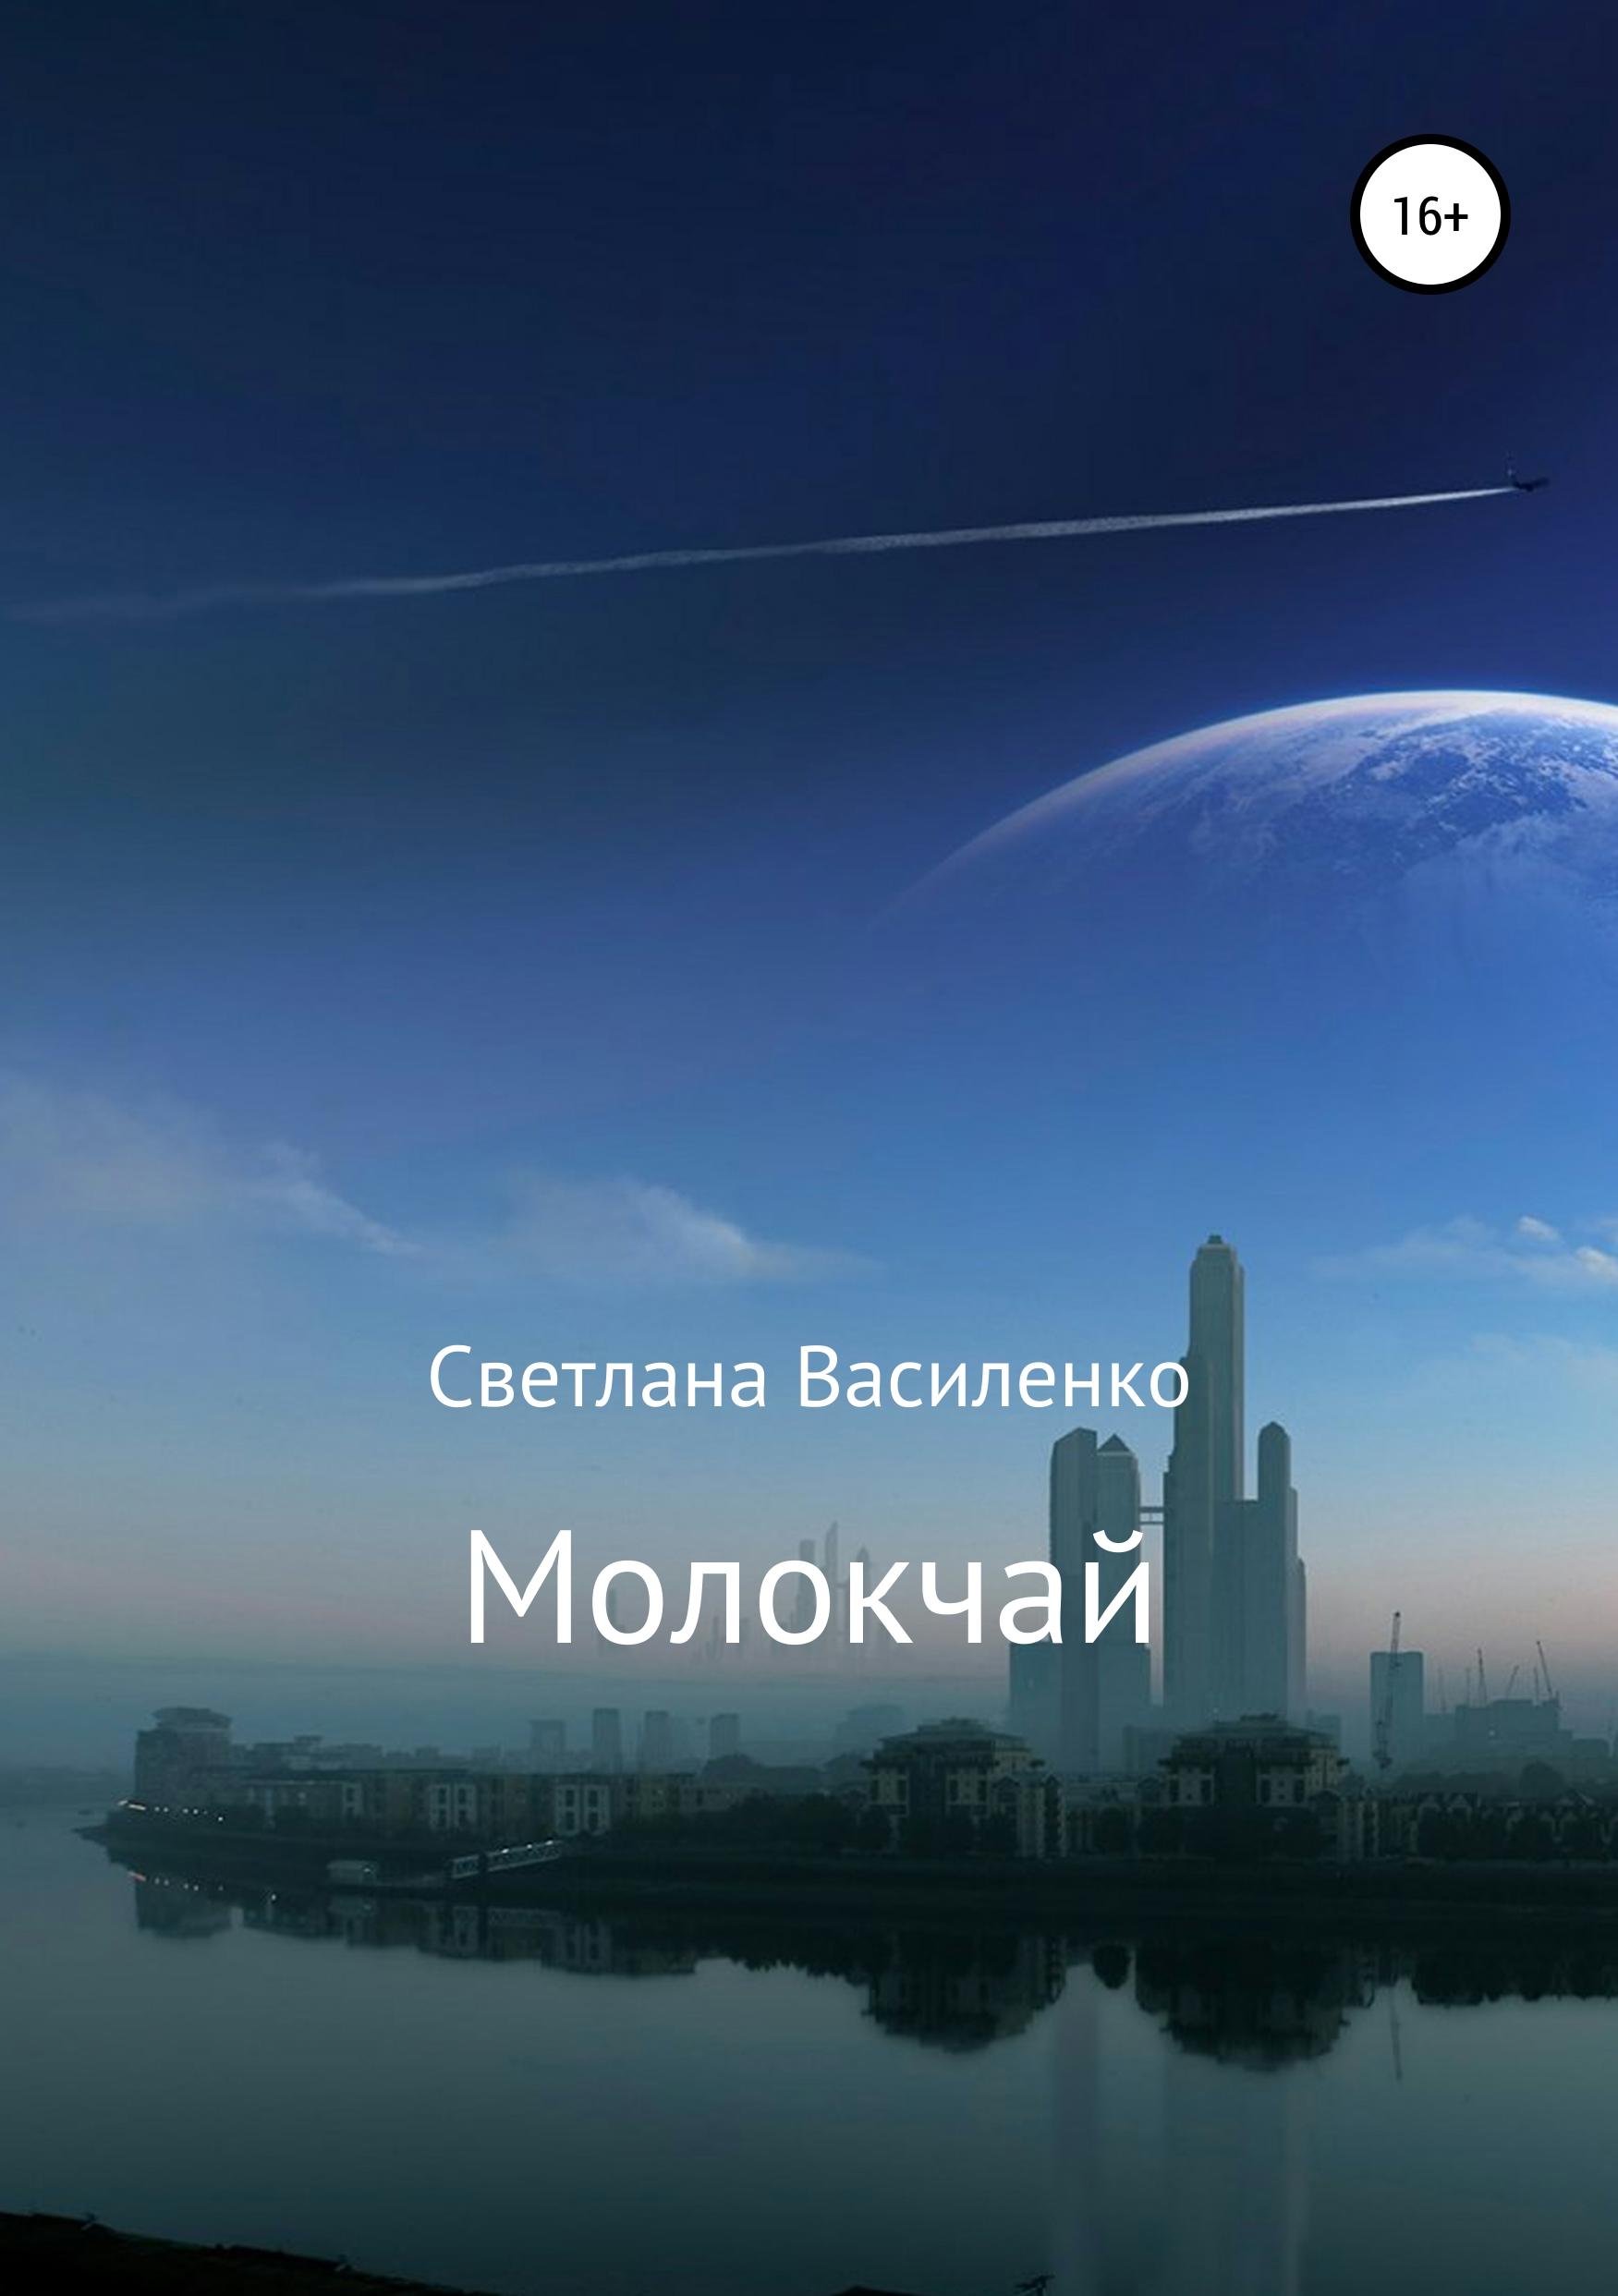 Светлана Василенко Молокчай антонио вивальди времена года 2019 12 28t20 00